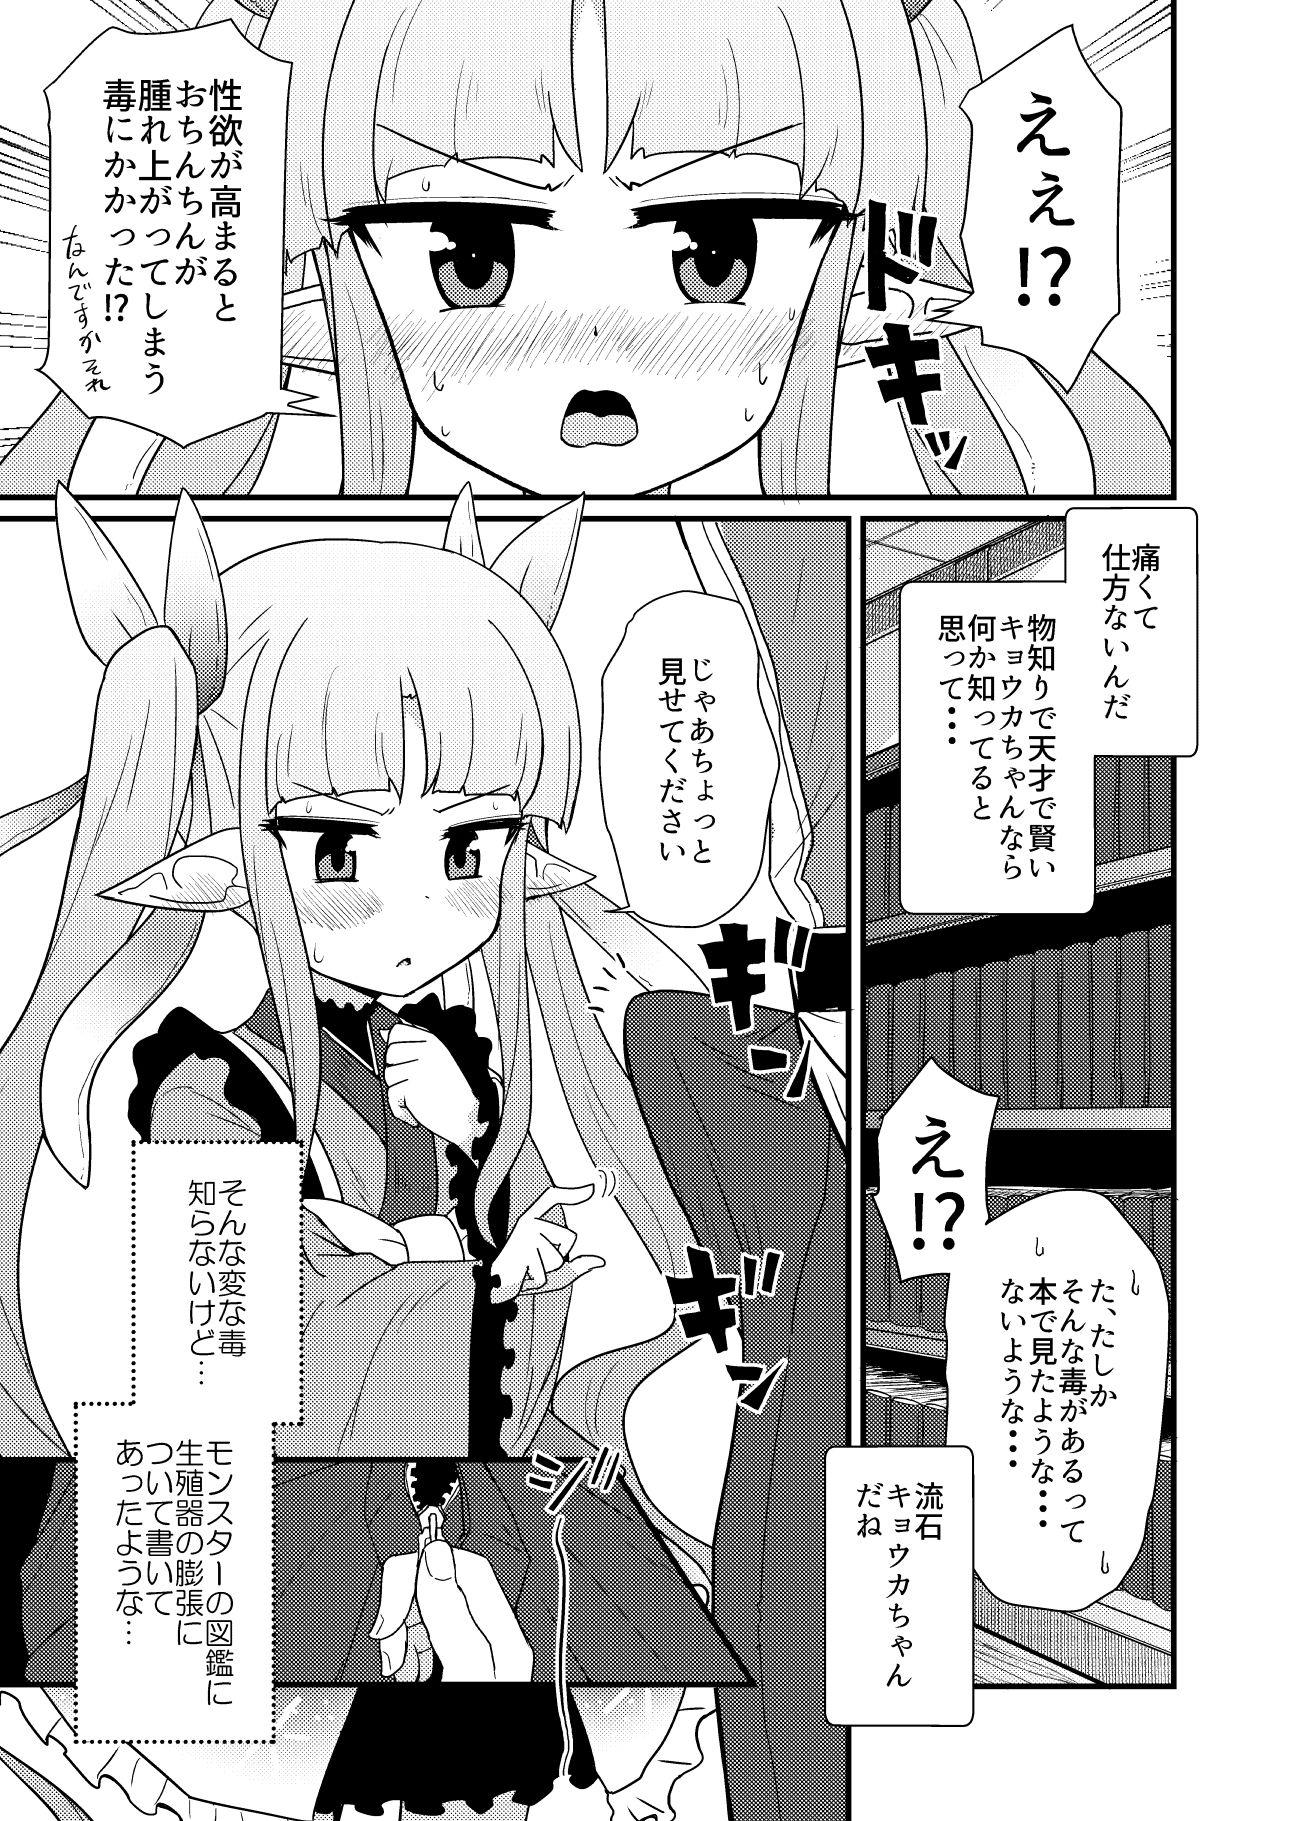 【白黒ぱんだ 同人】お願いキョウカちゃん